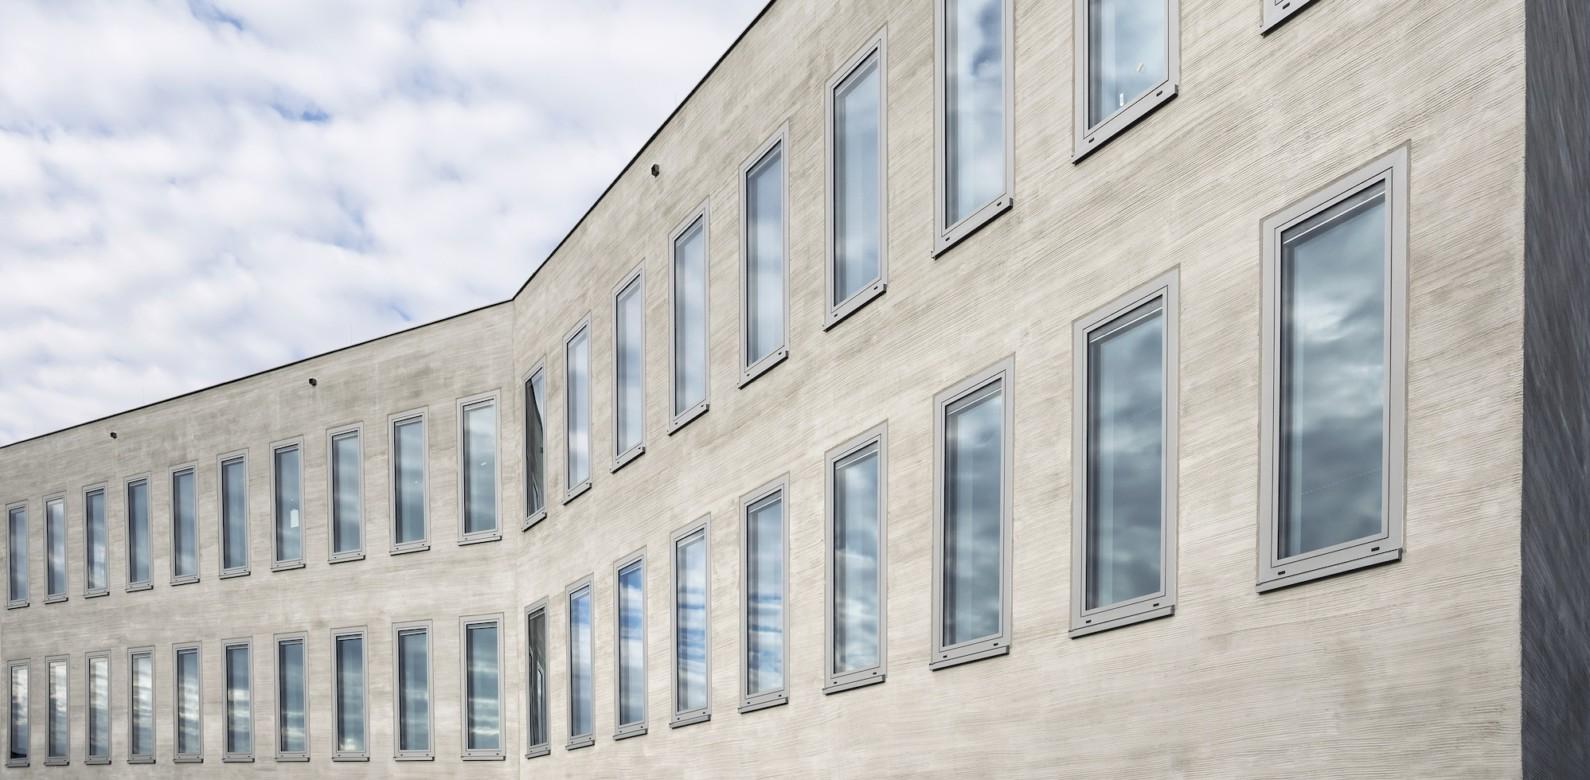 Heupel architekten firmenzentrale ratiodata m nster - Heupel architekten ...